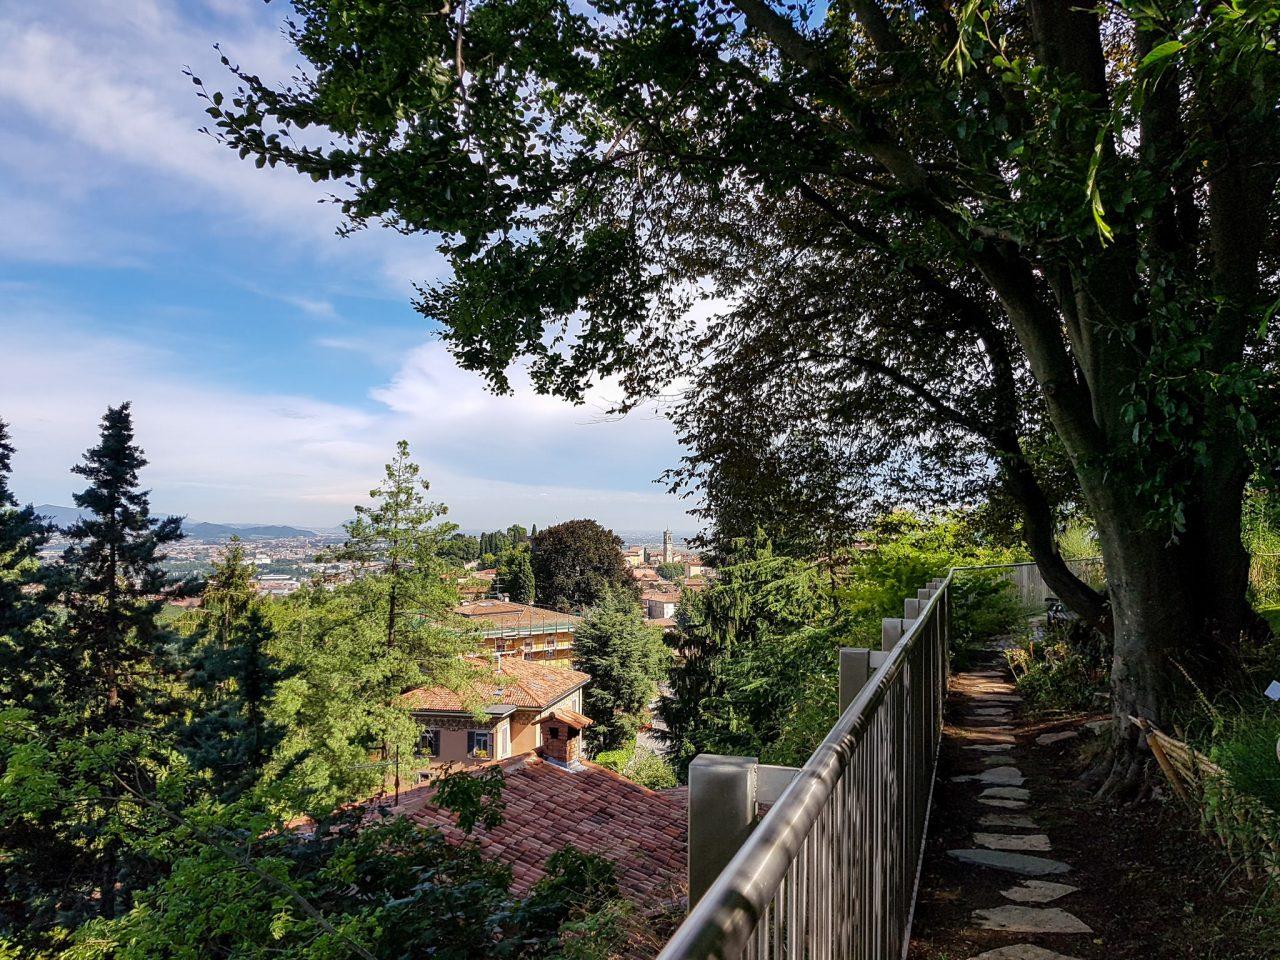 Ботанический сад «Лоренцо Рота» (Orto botanico Lorenzo Rota)